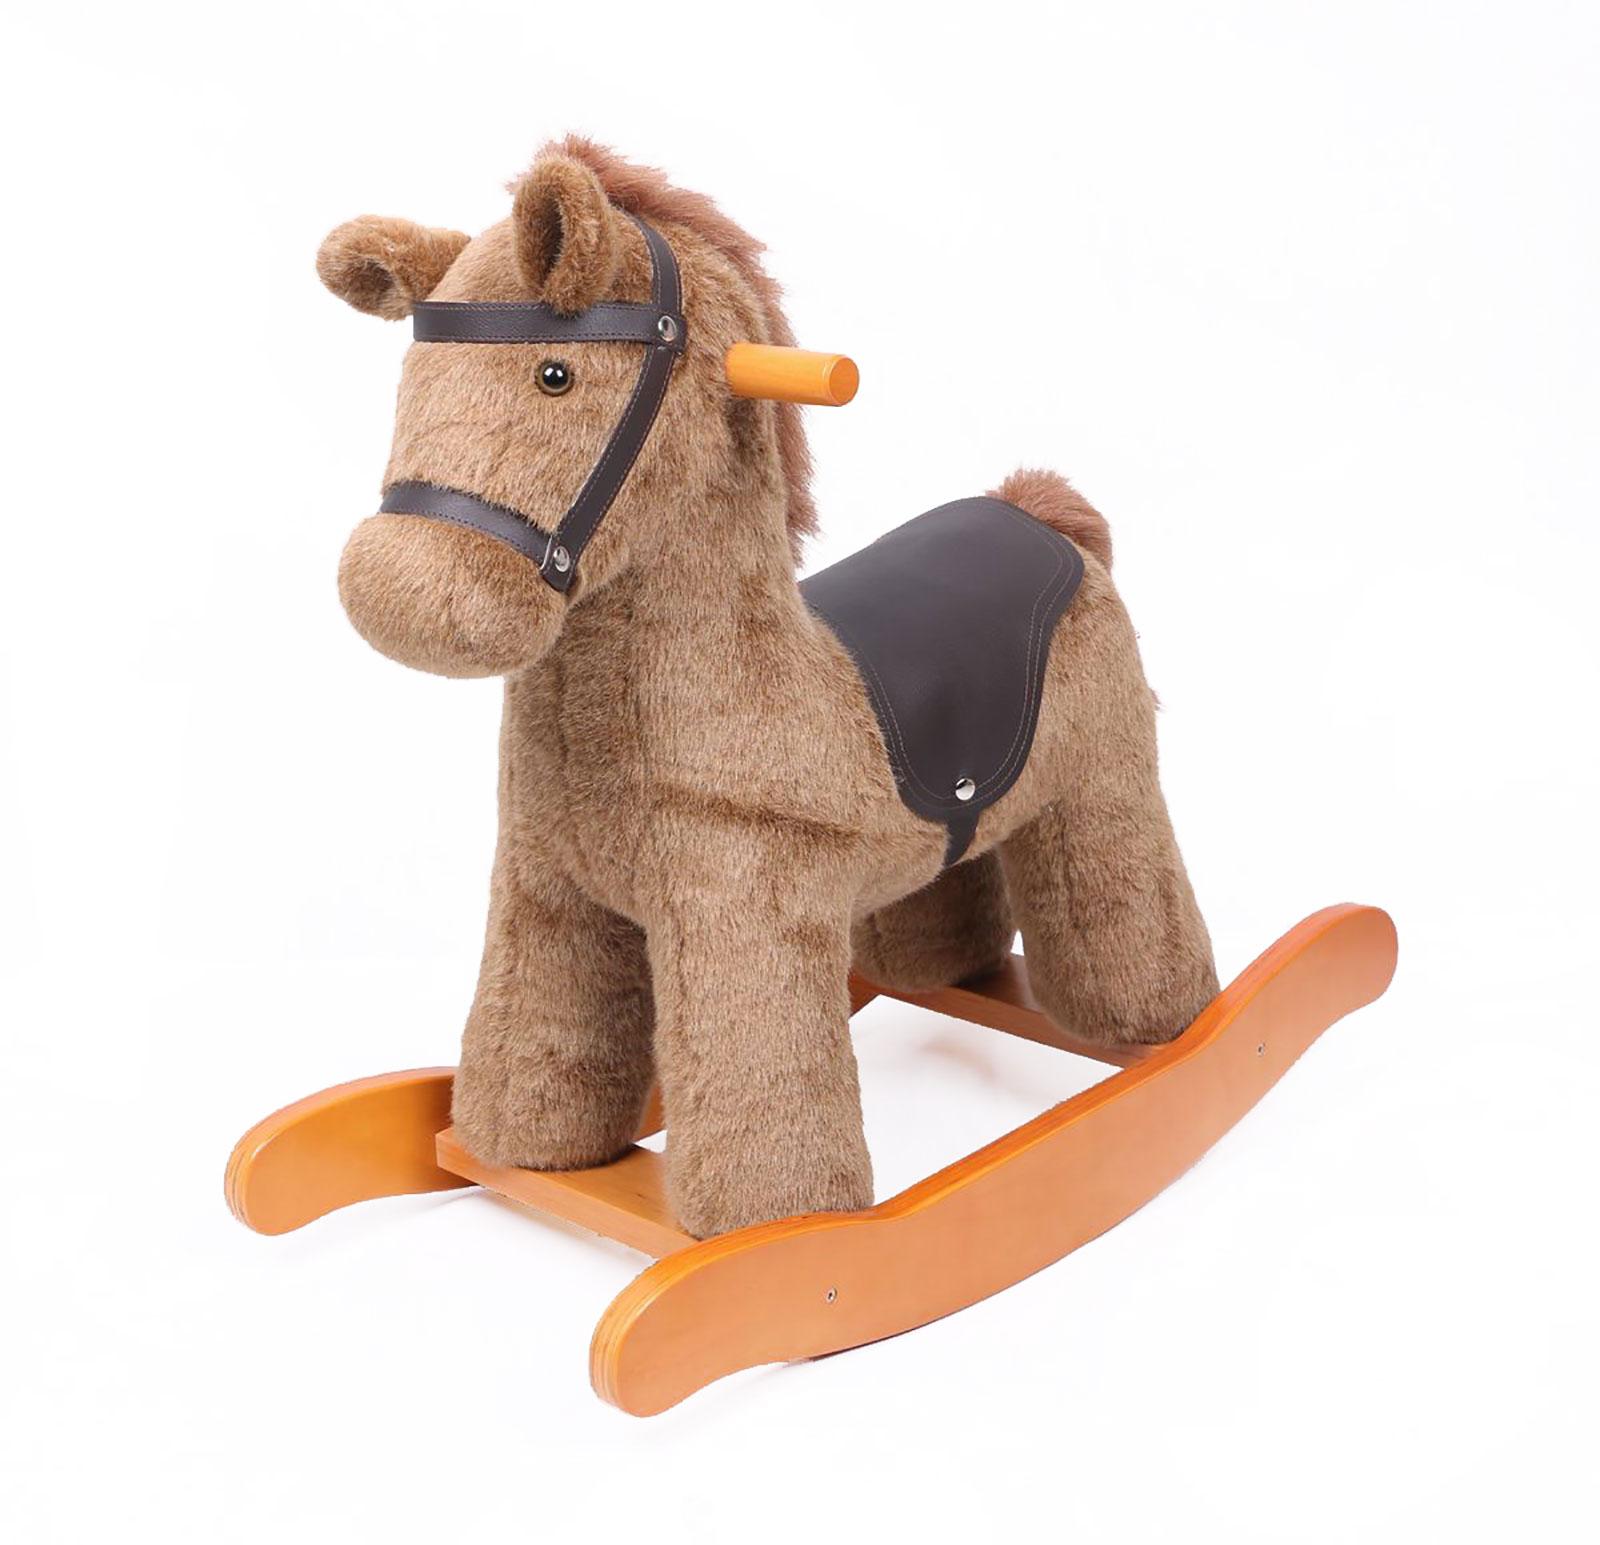 charles bentley wooden rocking horse nursery infant rocker pony animal toy brown ebay. Black Bedroom Furniture Sets. Home Design Ideas